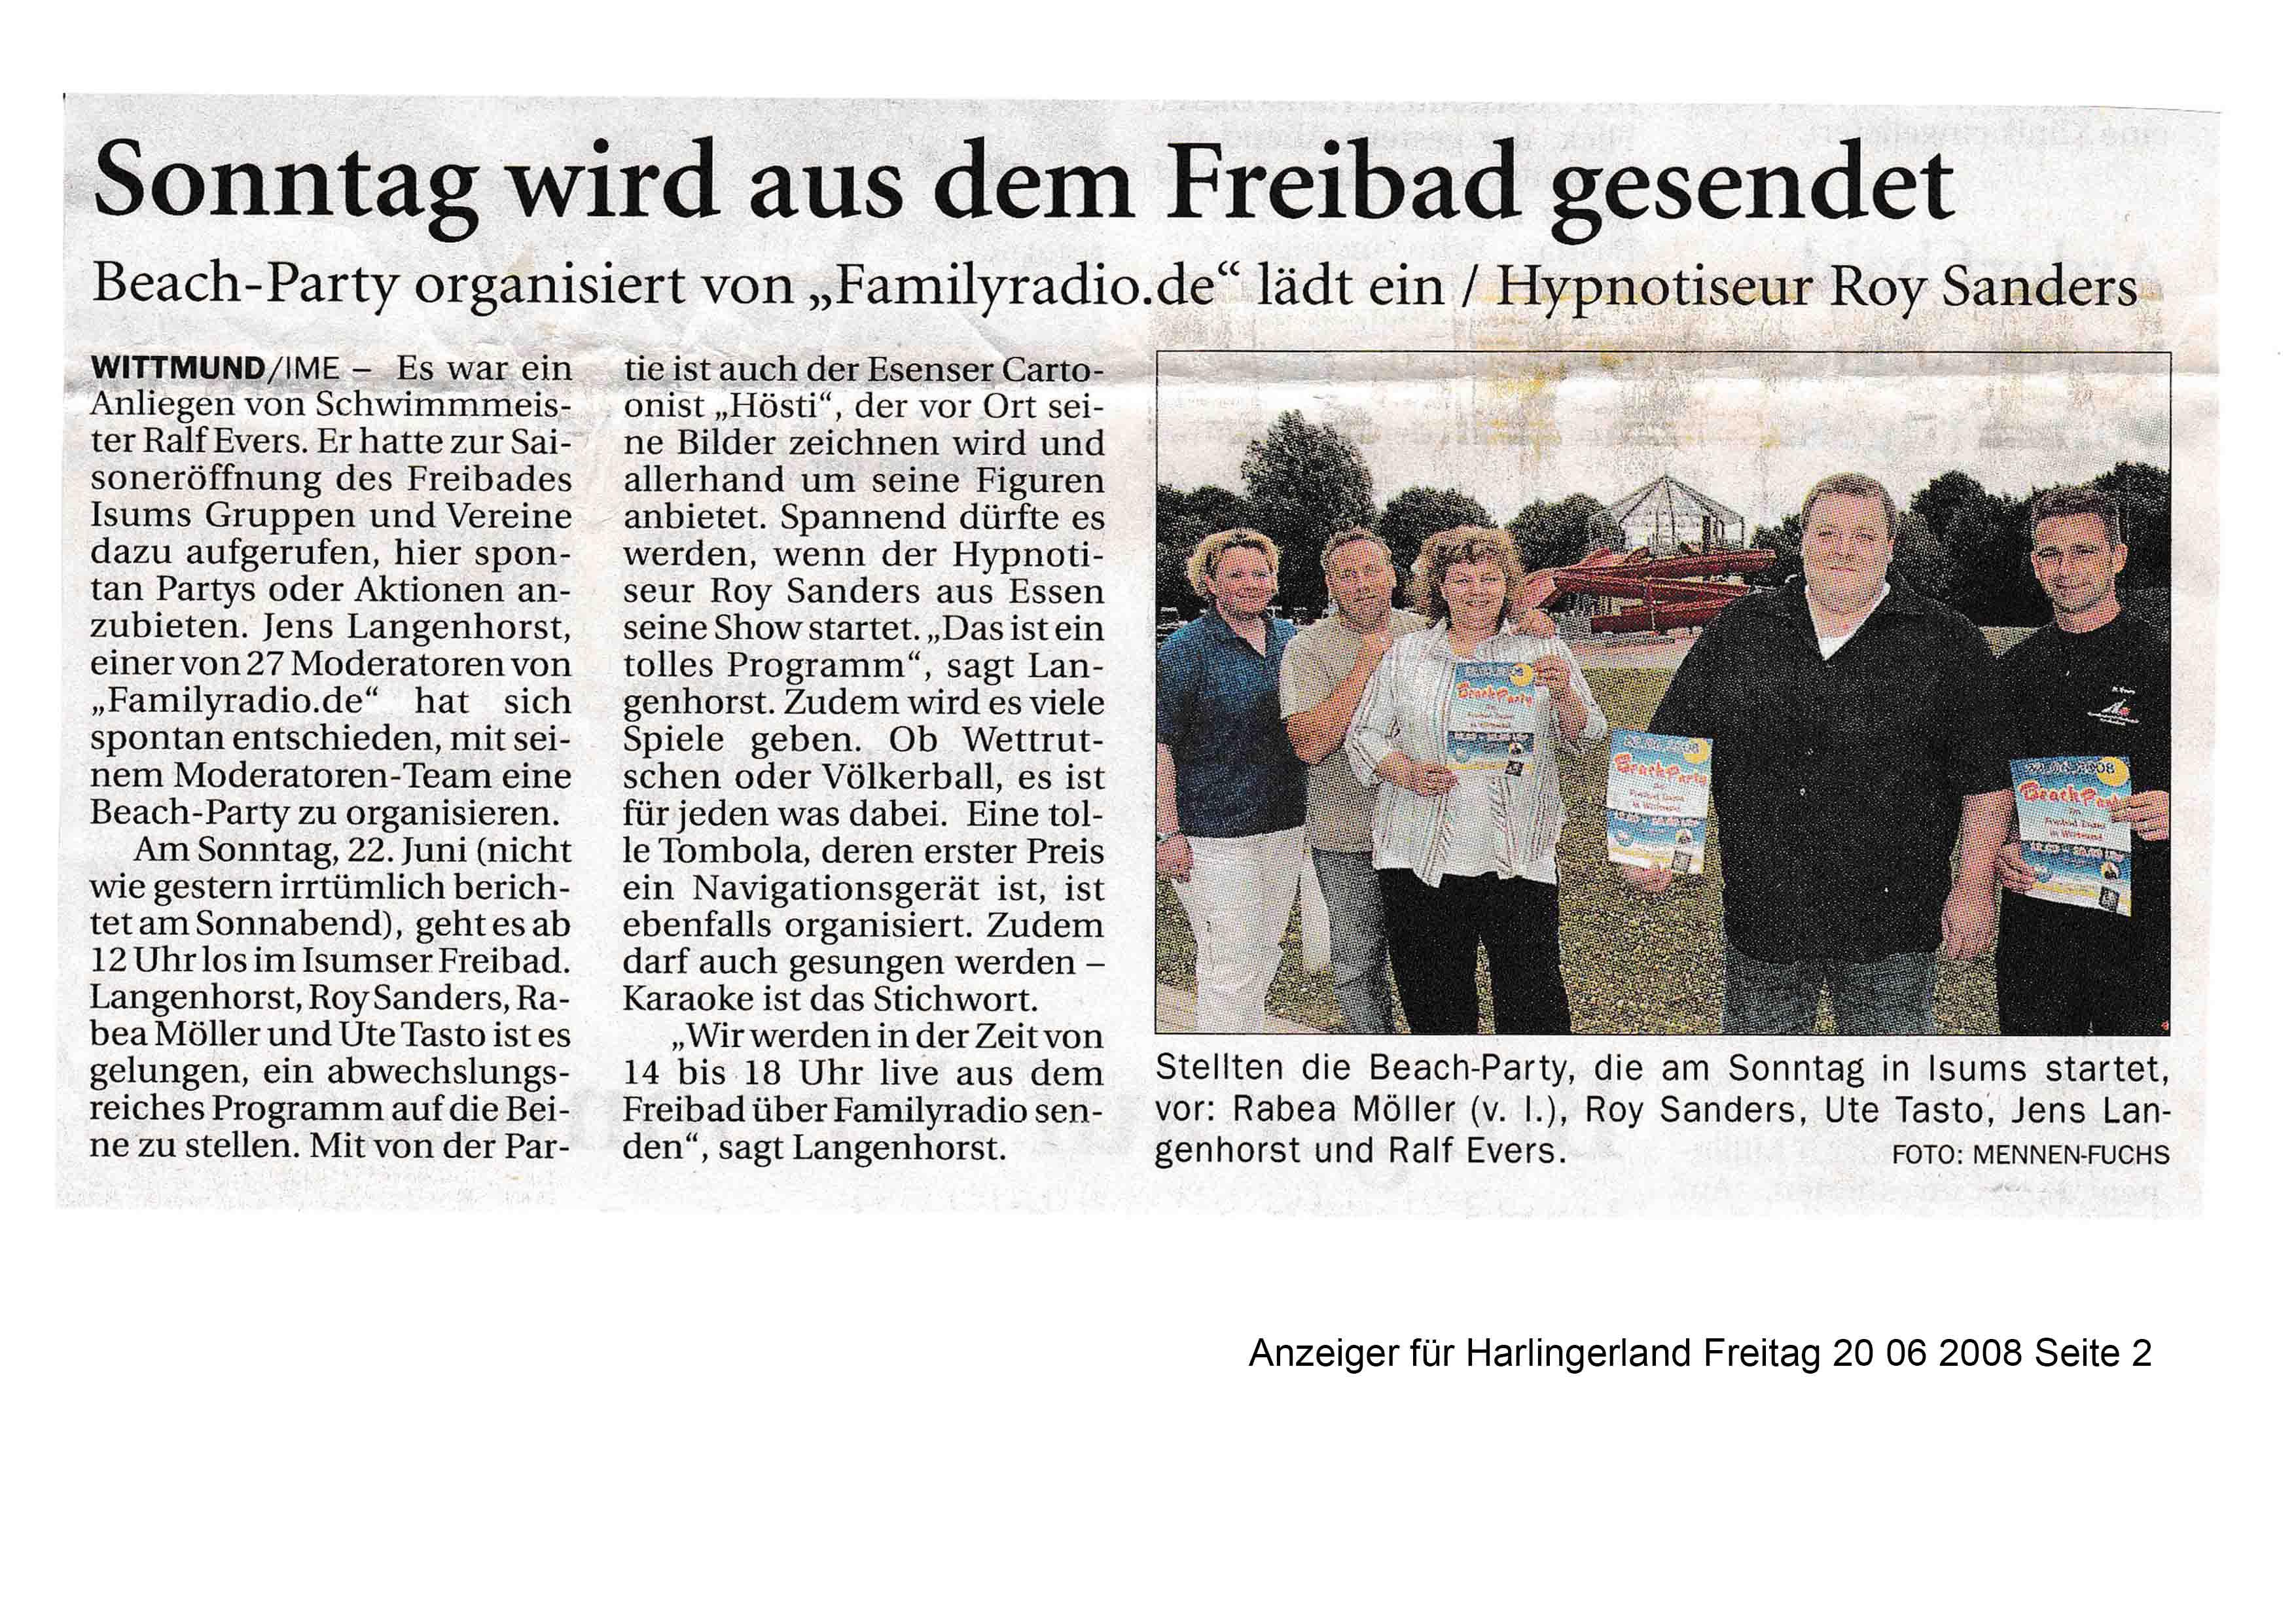 Anzeiger für Harlingerland Freitag 20 06 2008 Seite 2